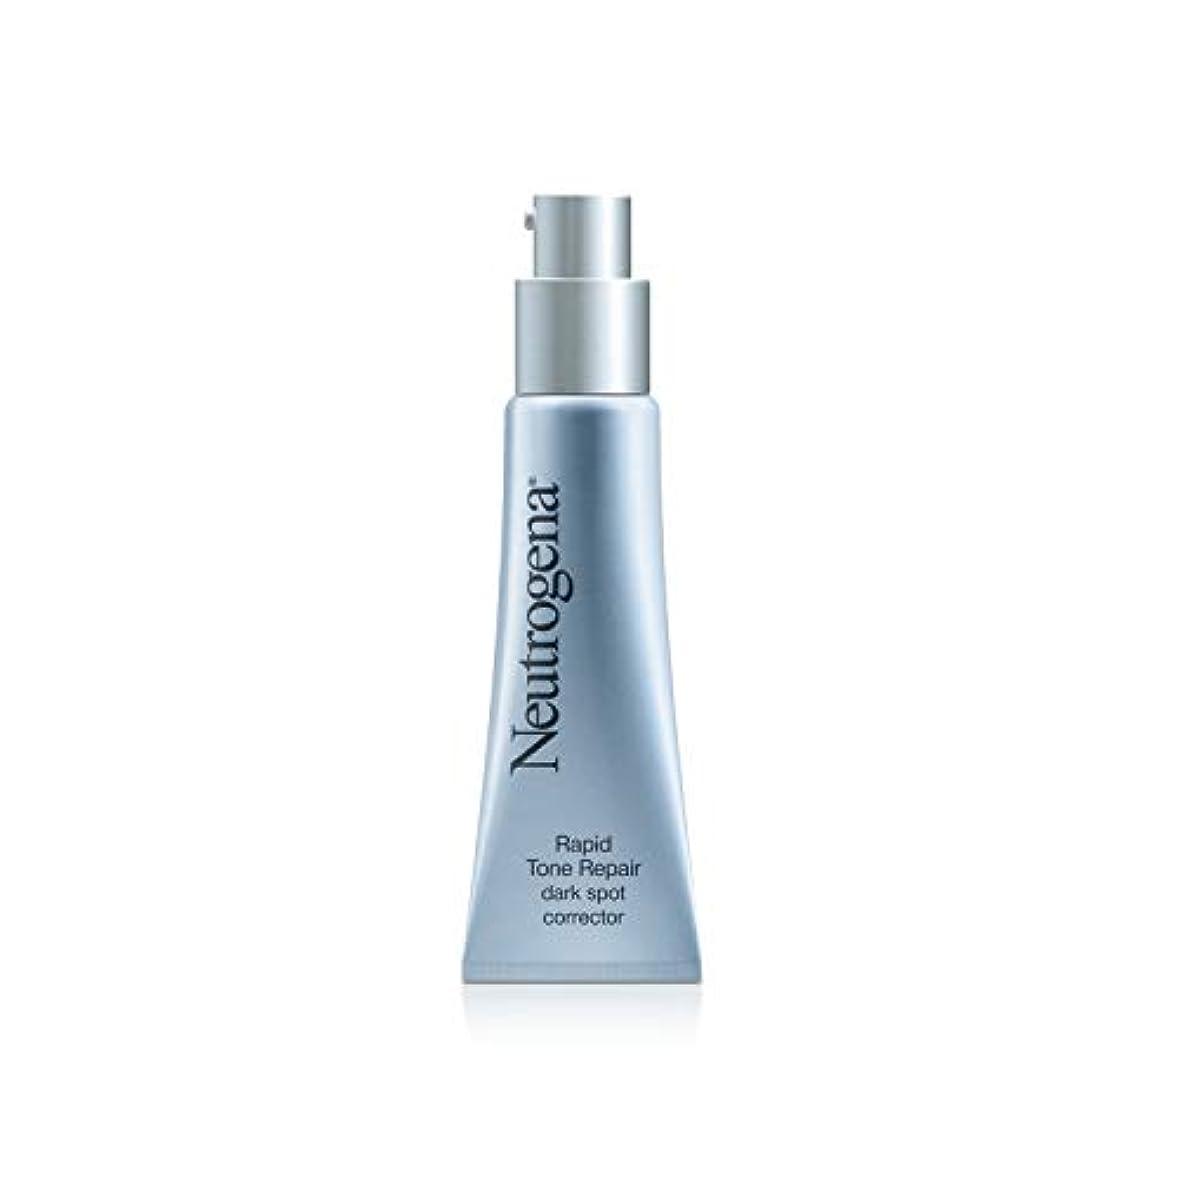 視力素晴らしい意味するNeutrogena 皮膚の変色やシミの外観を減少させることがレチノールサ、ビタミンC、ヒアルロン酸で迅速なトーン?修理ダークスポットコレクター、1オズ